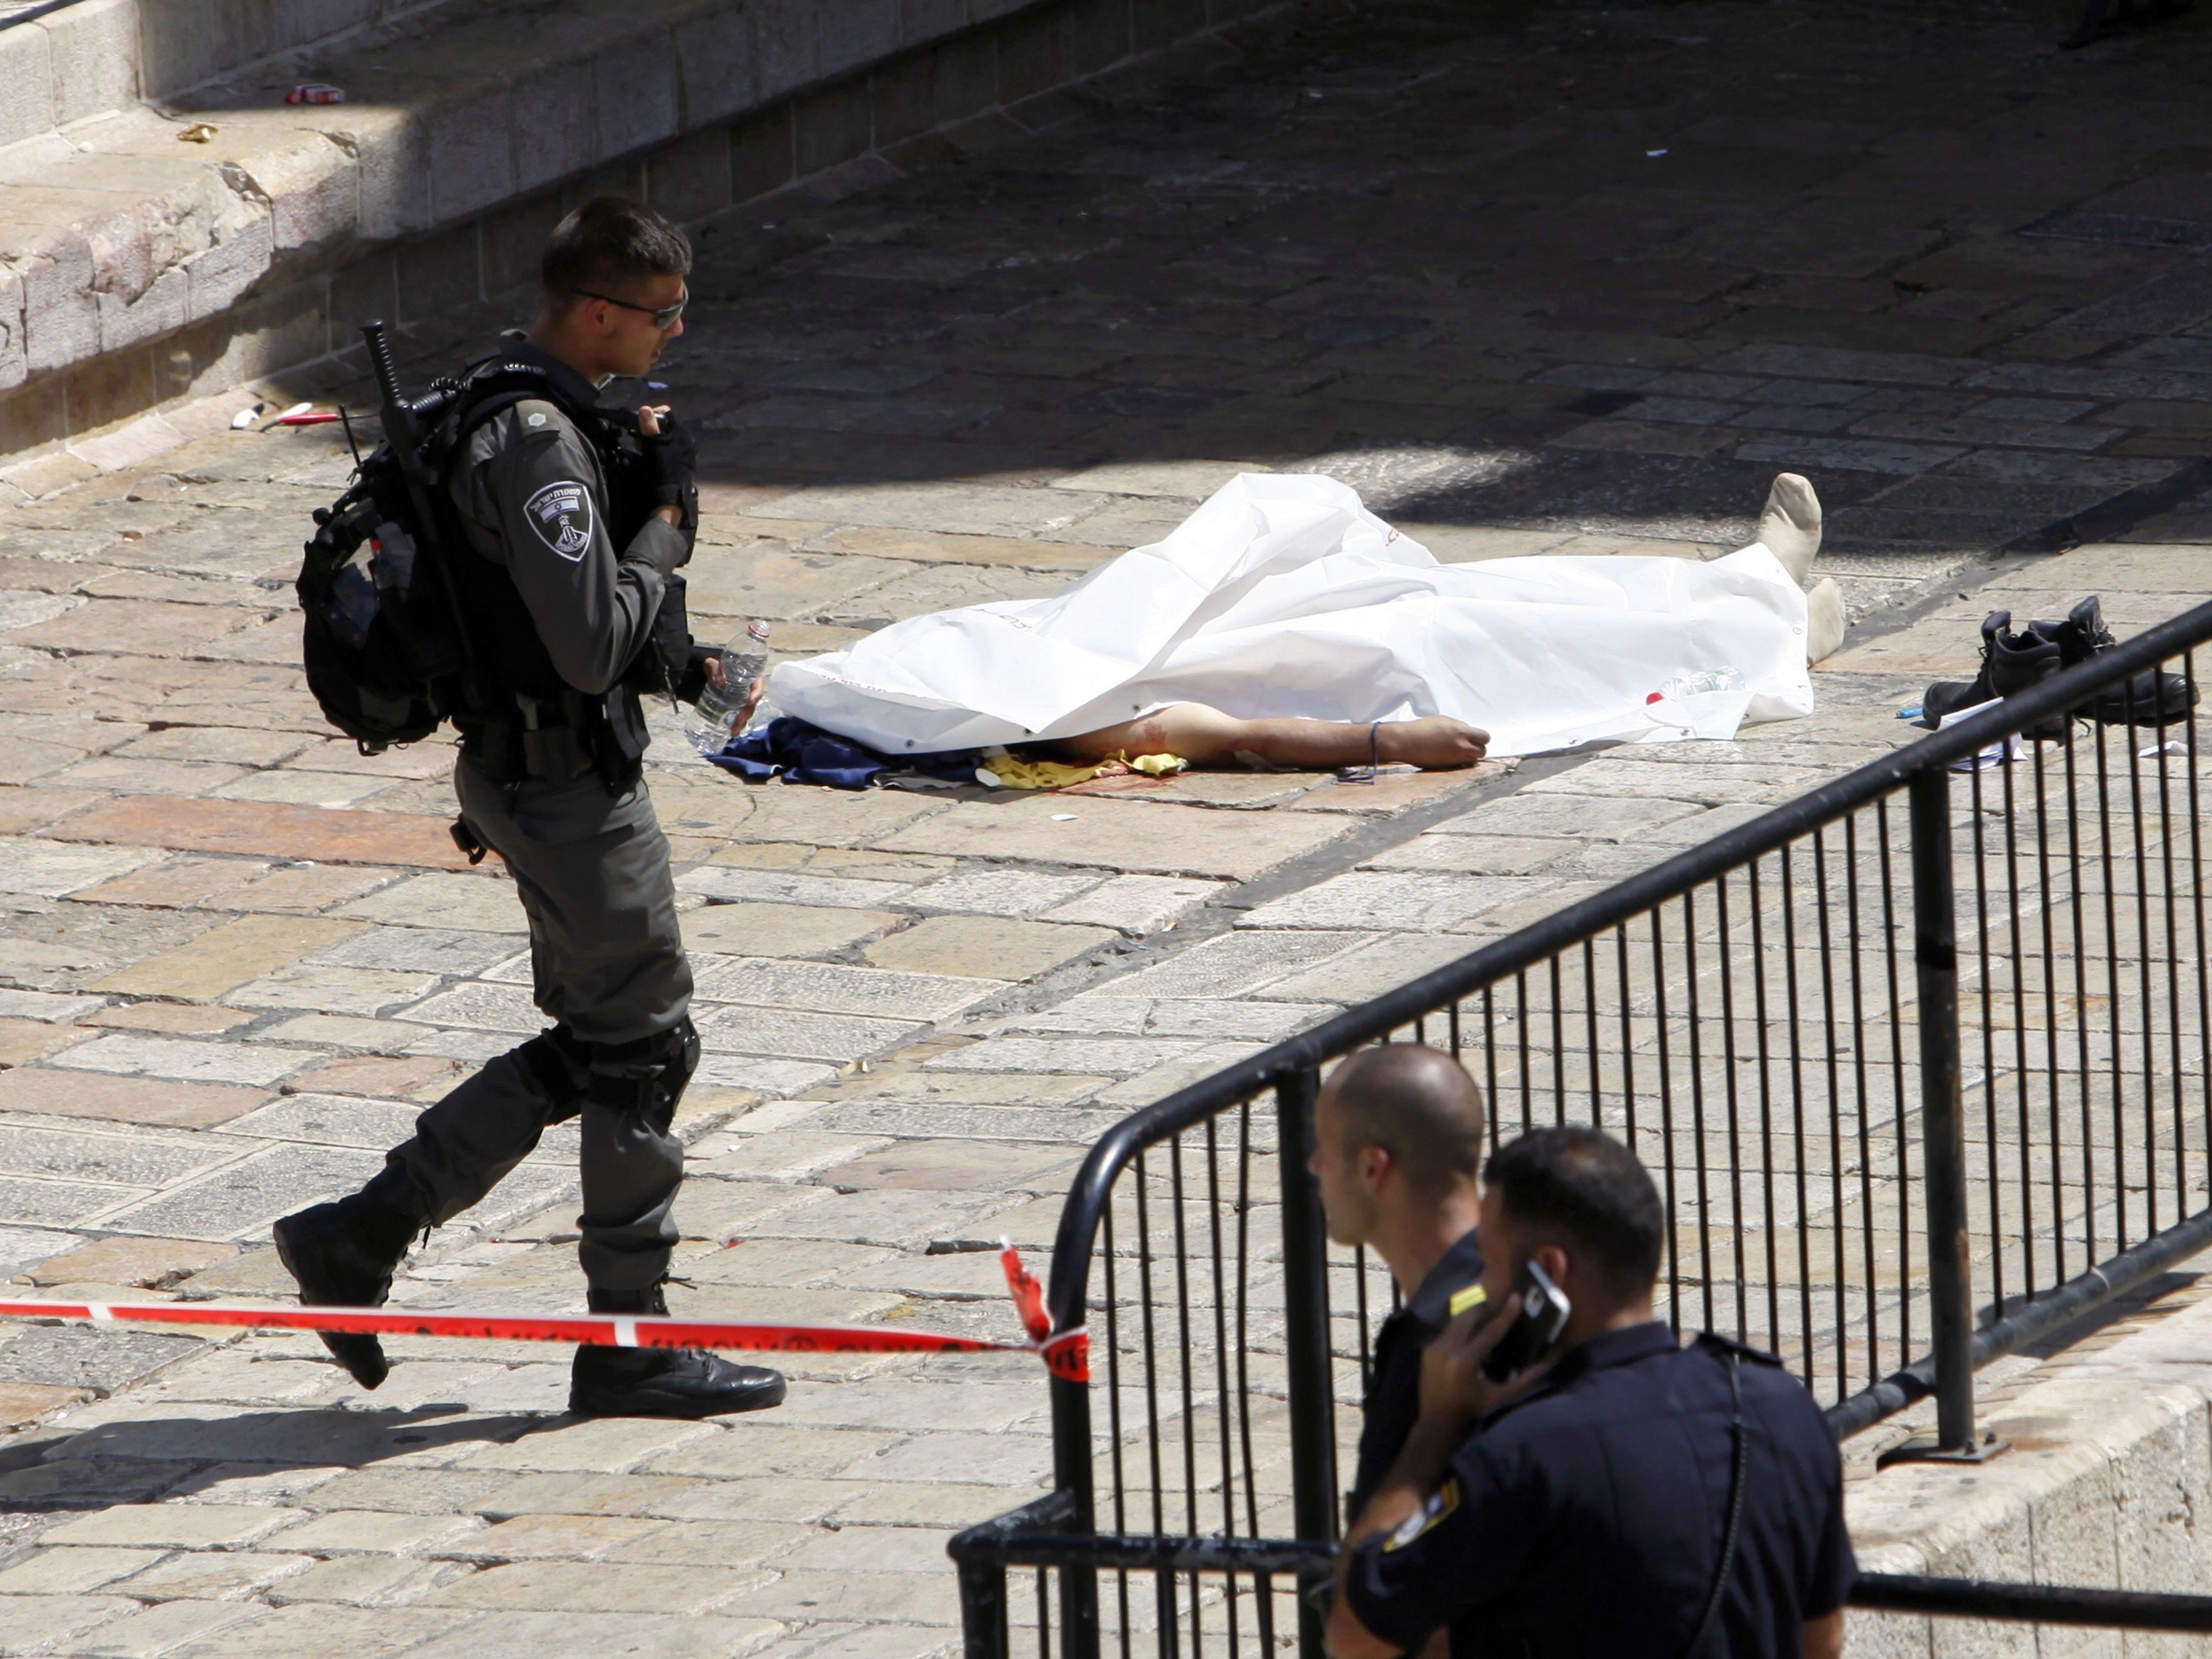 Am Damaskus-Tor zur Altstadt in Jerusalem griff ein junger Jordanier nach Polizeiangaben einen Wachmann mit einem Messer an.